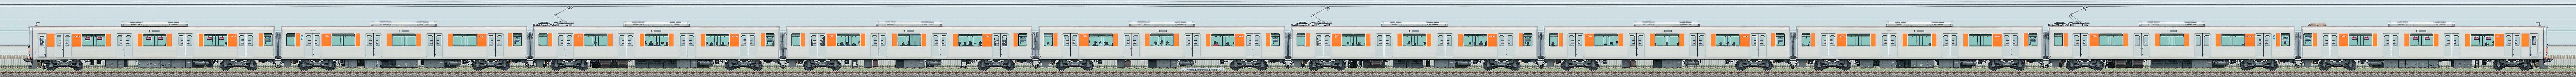 東武50050型51061編成(山側)の編成サイドビュー